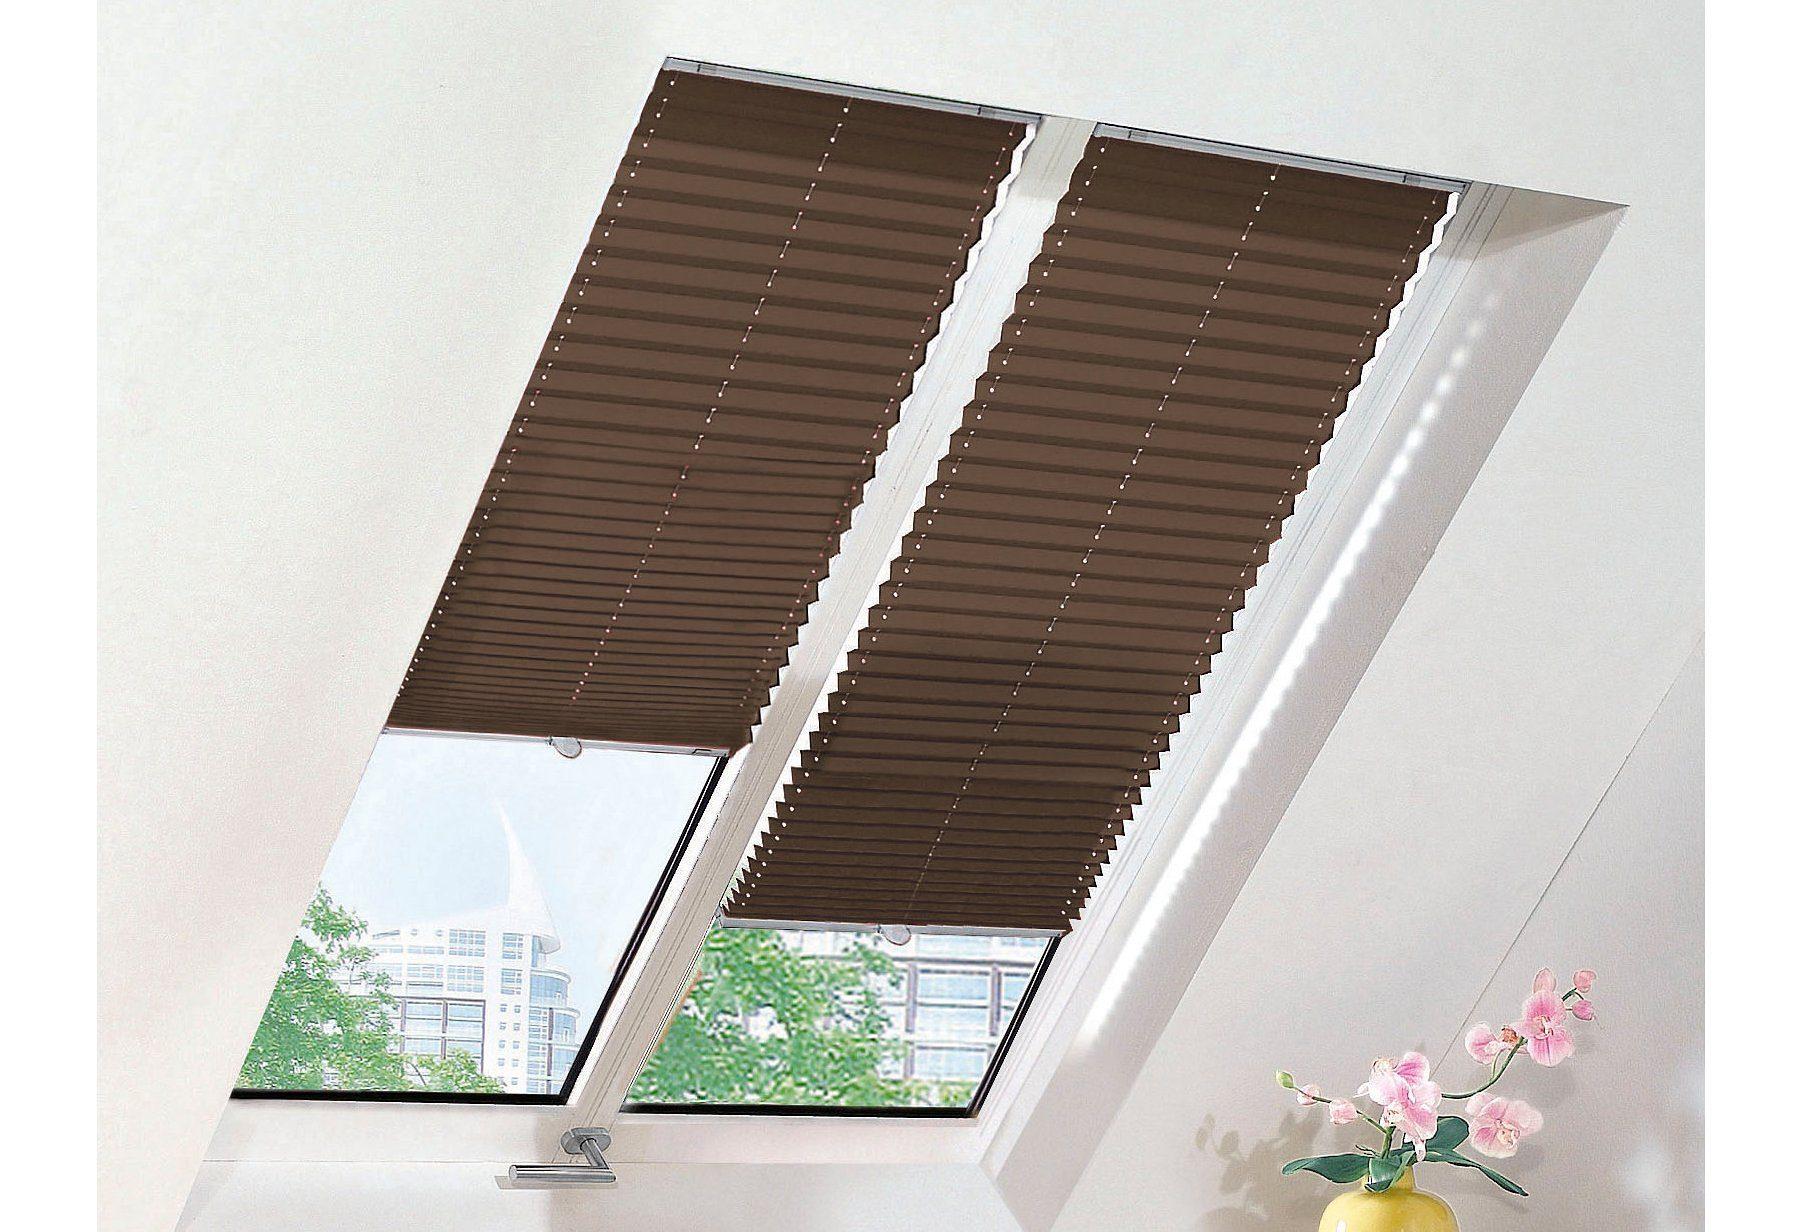 Dachfenster-Plissee, Sunlines, Wunschmaß, Perlreflex